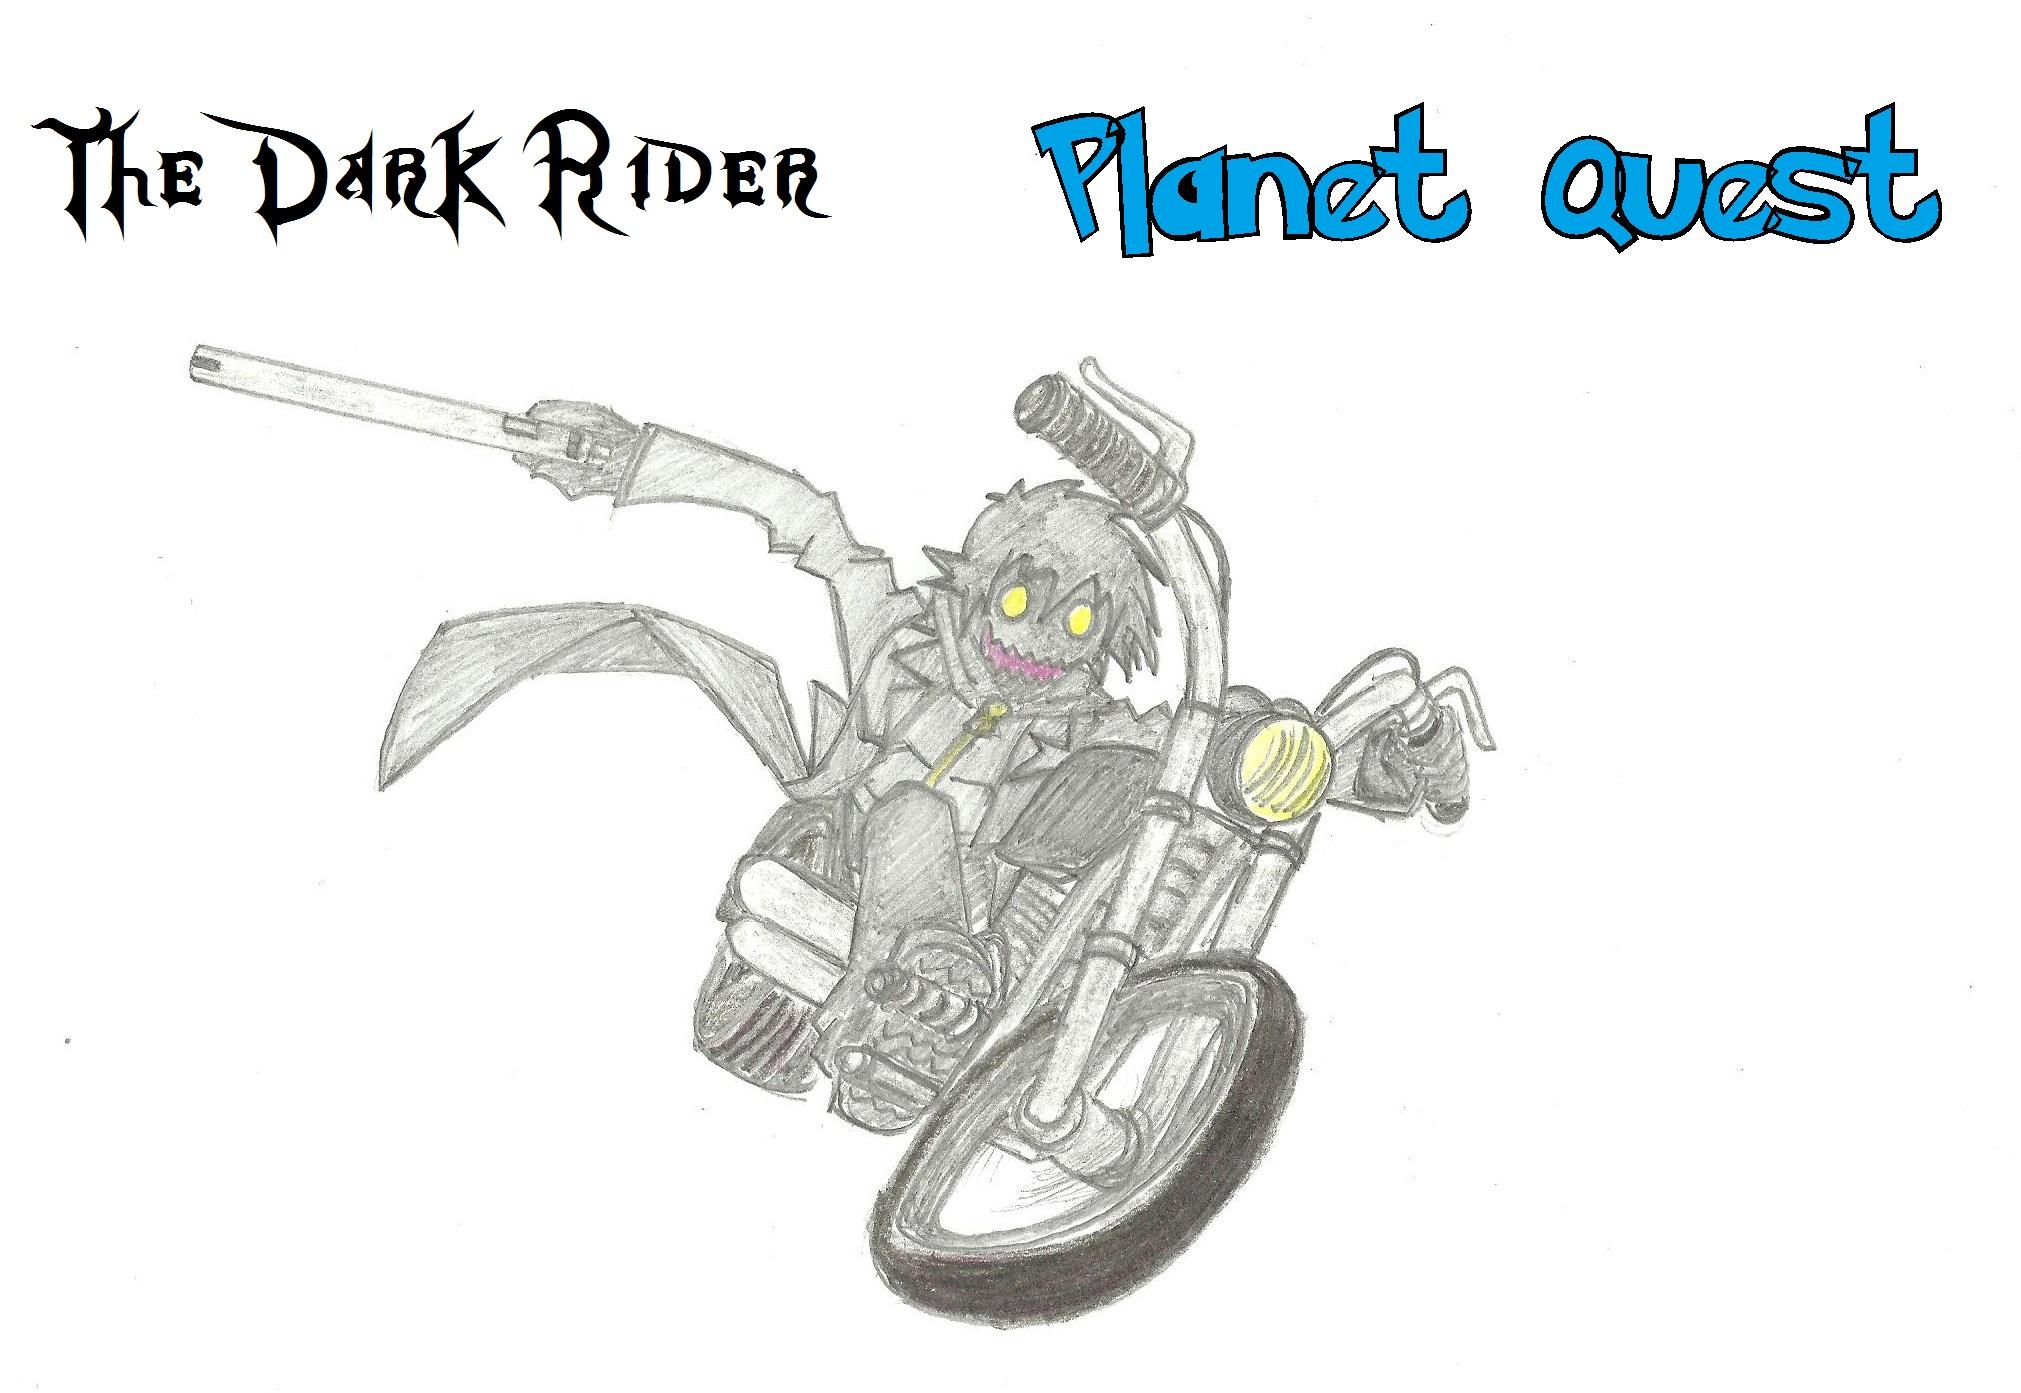 The Dark Rider by Darkkis91